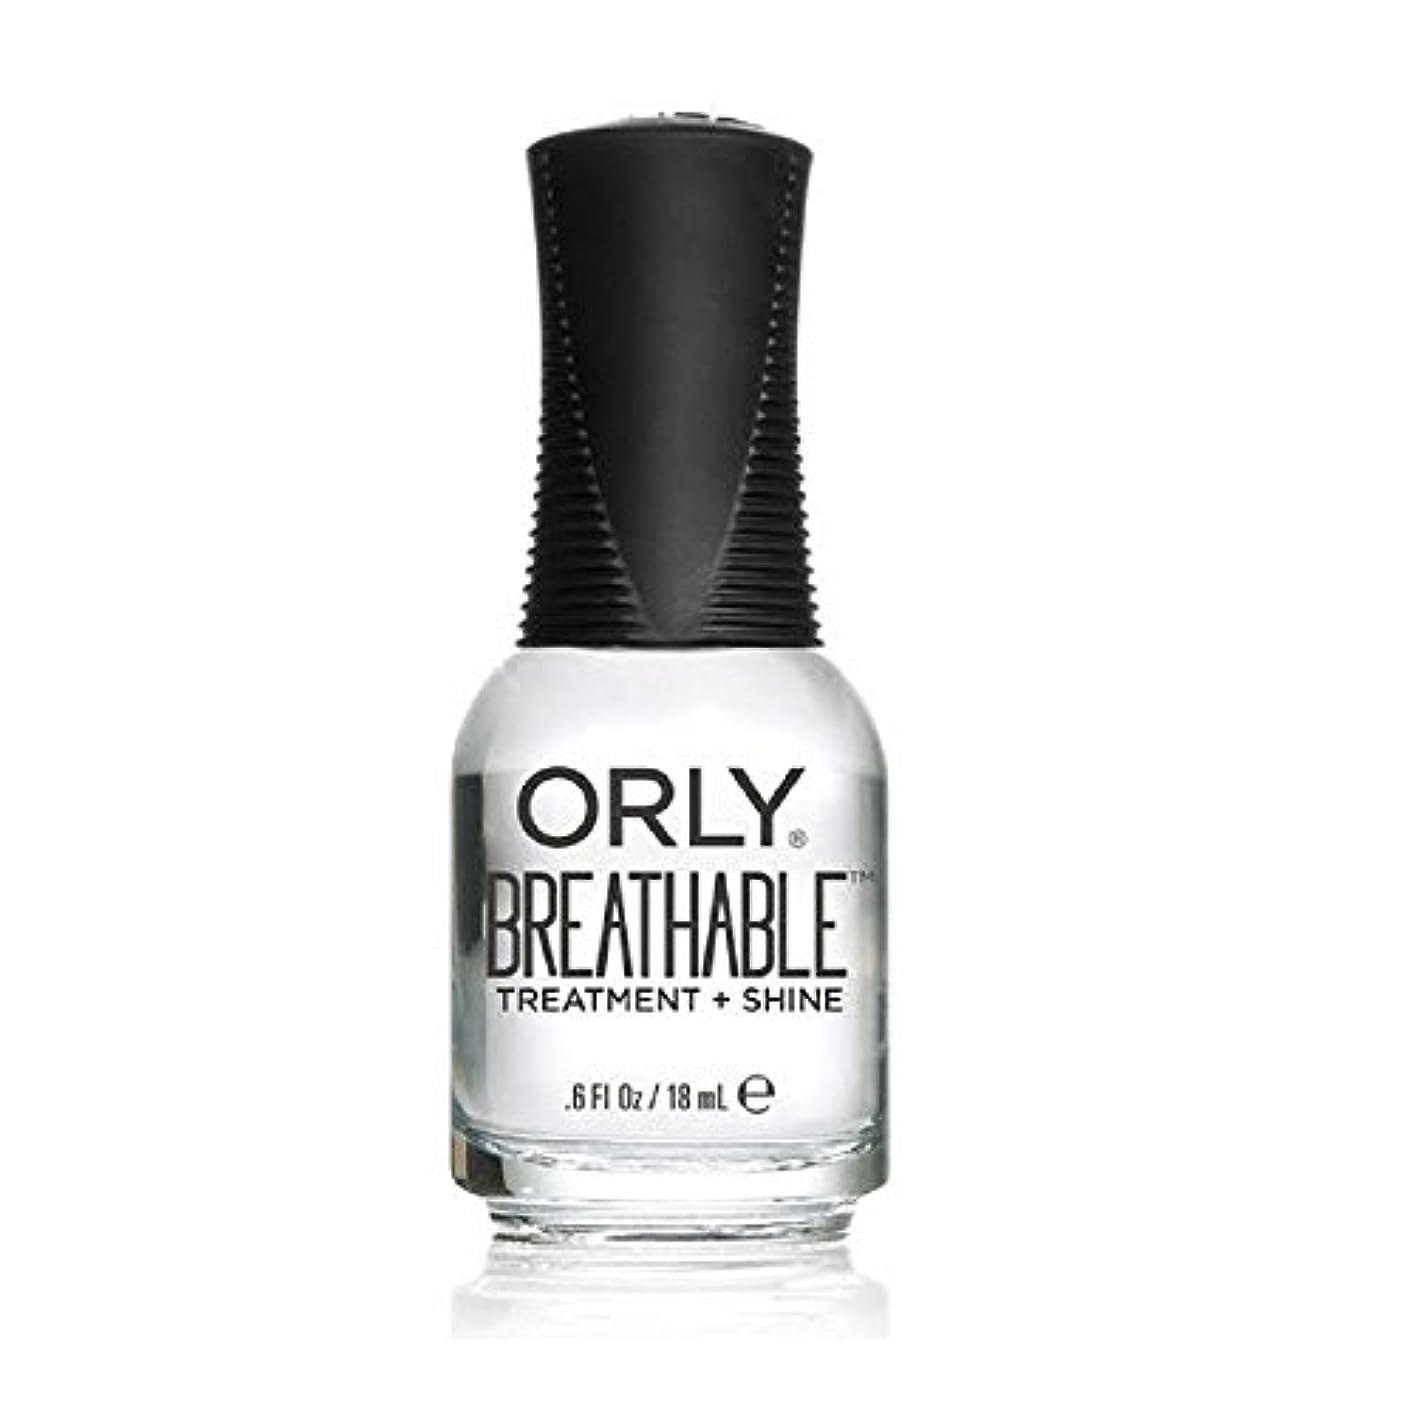 自発重力ホバーOrly Breathable Treatment + Color Nail Lacquer - Treatment + Shine - 0.6oz/18ml